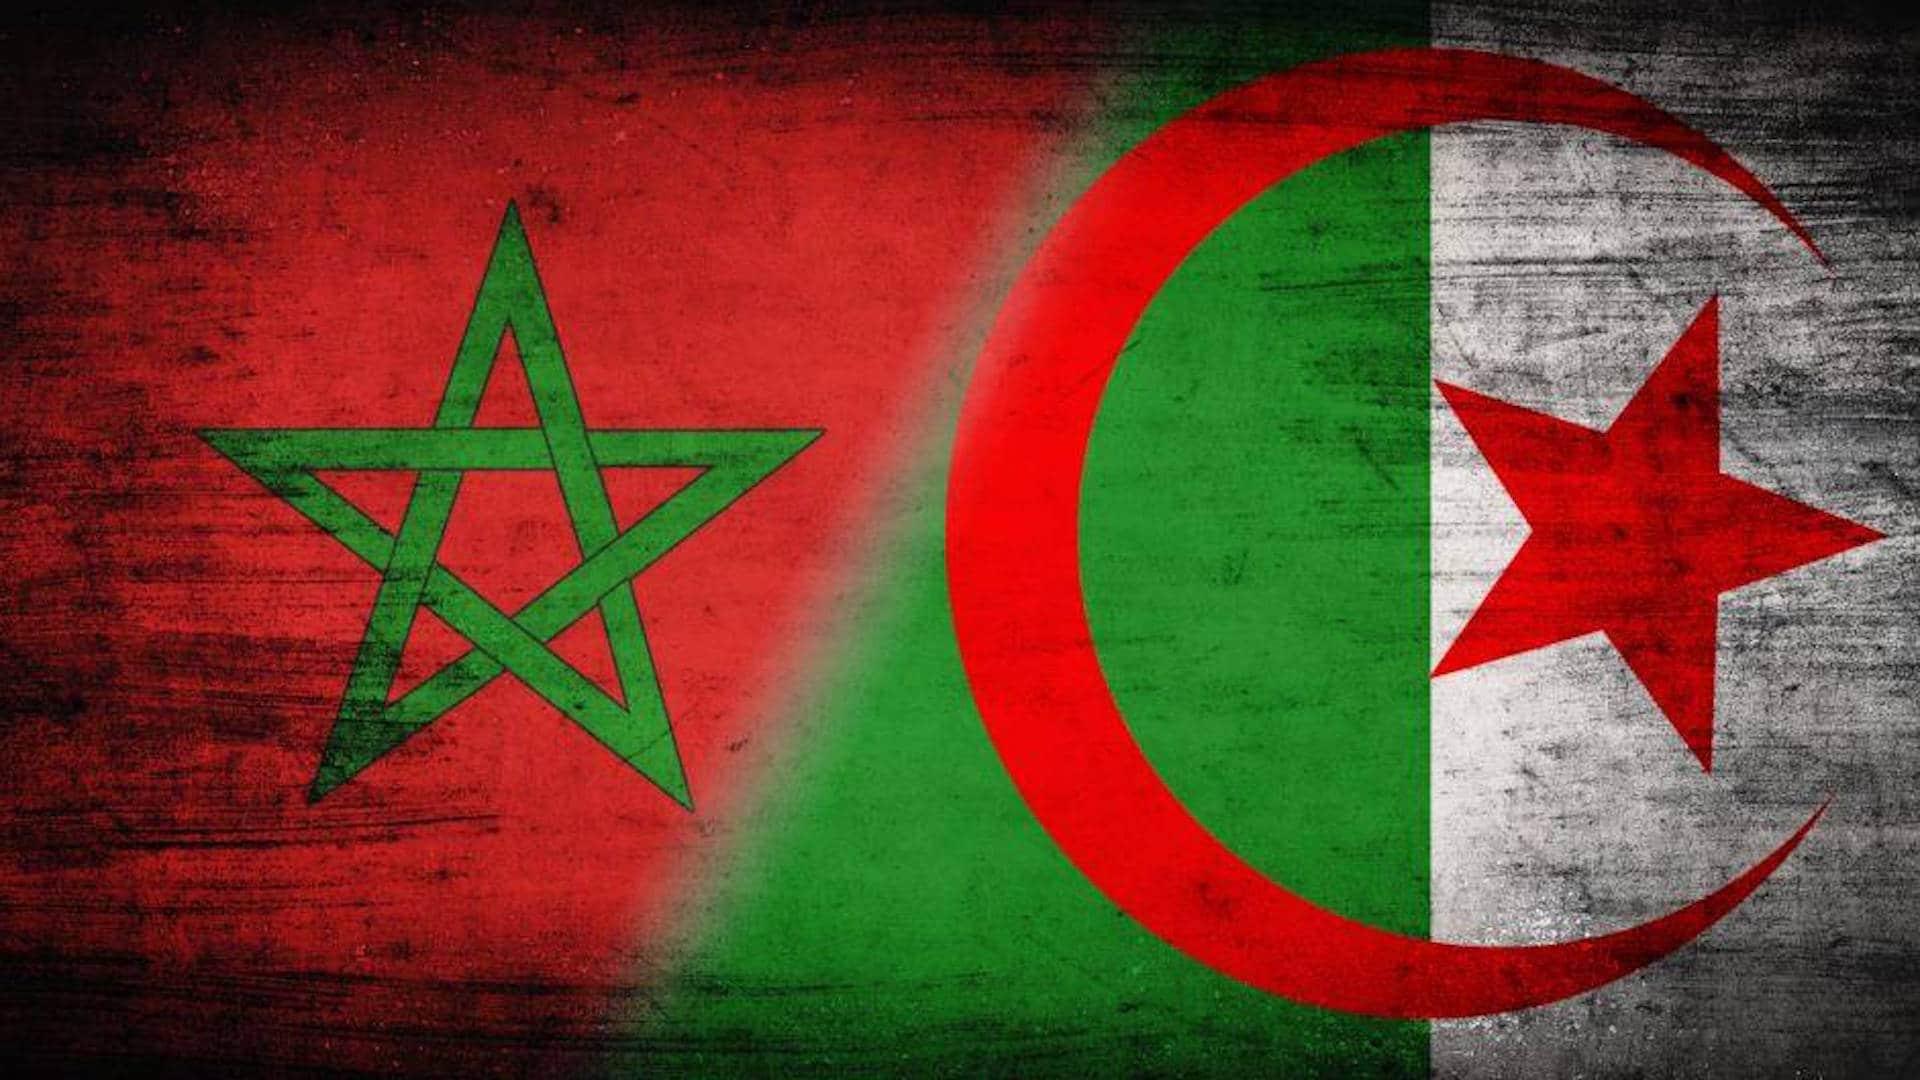 ما هي بدائل المغرب عن الغاز الجزائري بعد قطع العلاقات؟